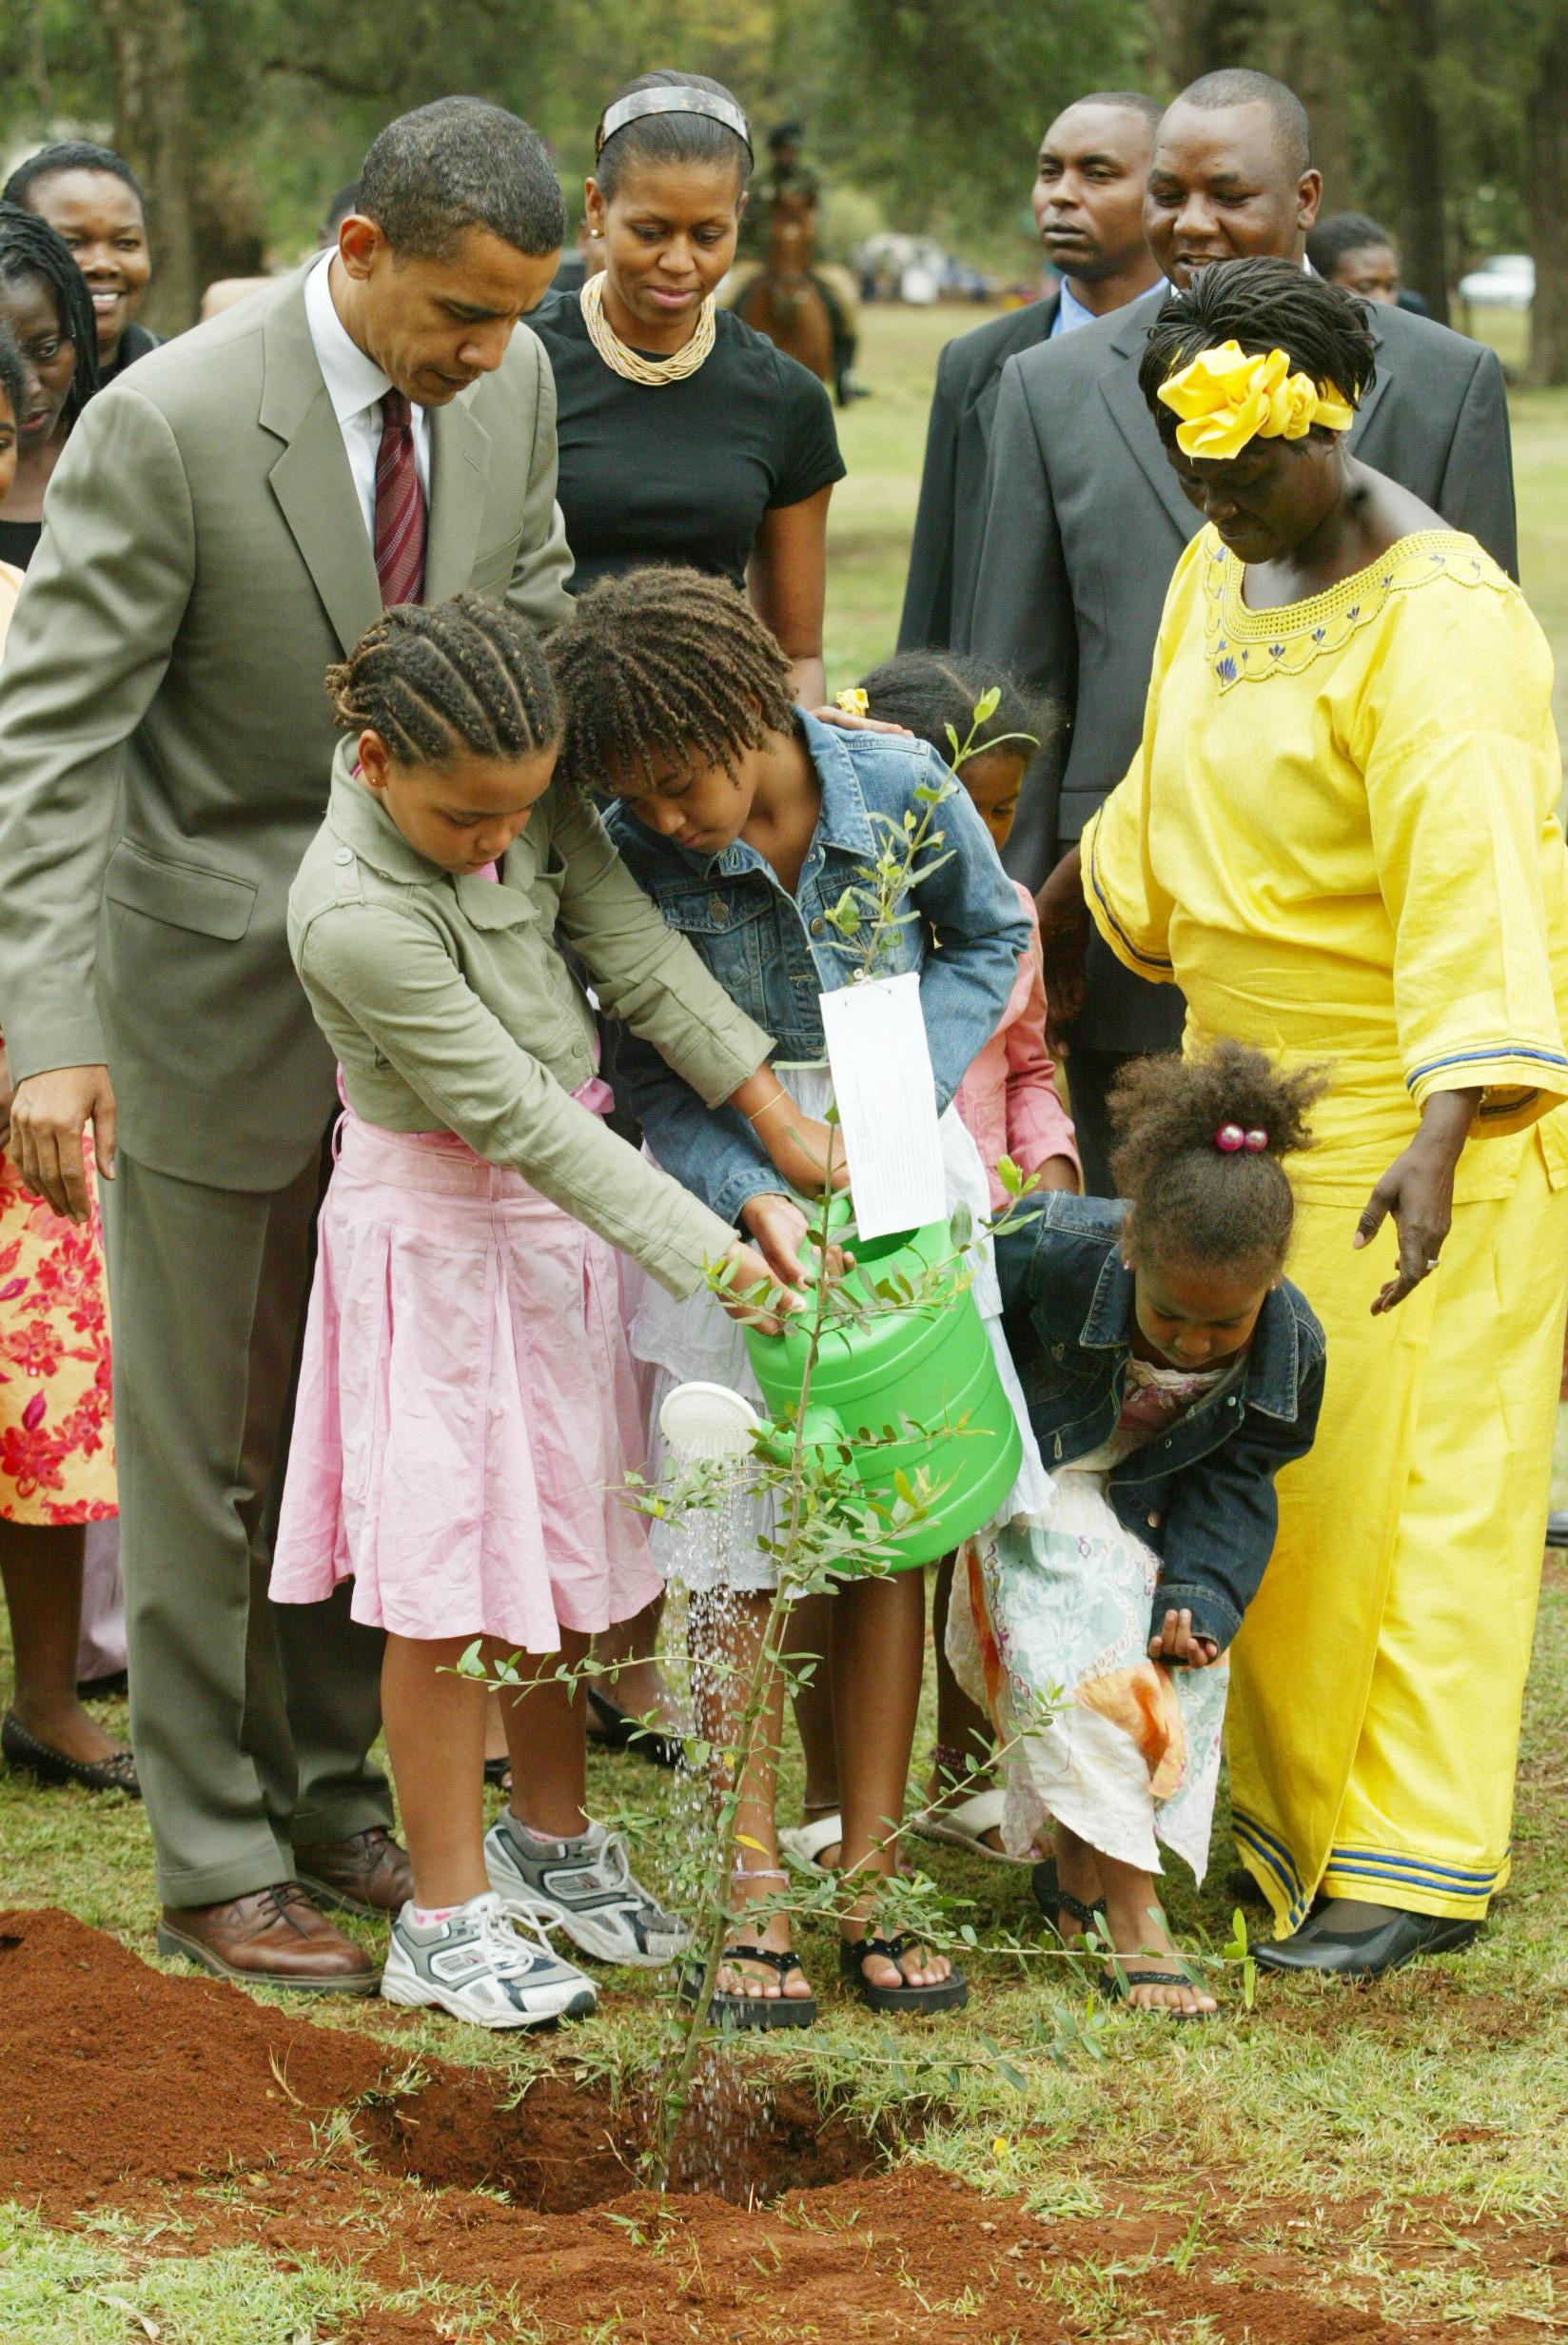 美國前總統歐巴馬(時任參議員)與瑪泰於2006年8月28日,在奈洛比種植非洲橄欖樹,歐巴馬的女兒一旁協助。 (美聯社) (註:歐巴馬為2009年諾貝爾和平獎得主,也是在10月10日宣布獲獎消息。諾貝爾委員會強調歐巴馬對促進全球和平對話,化解衝突做出貢獻。)